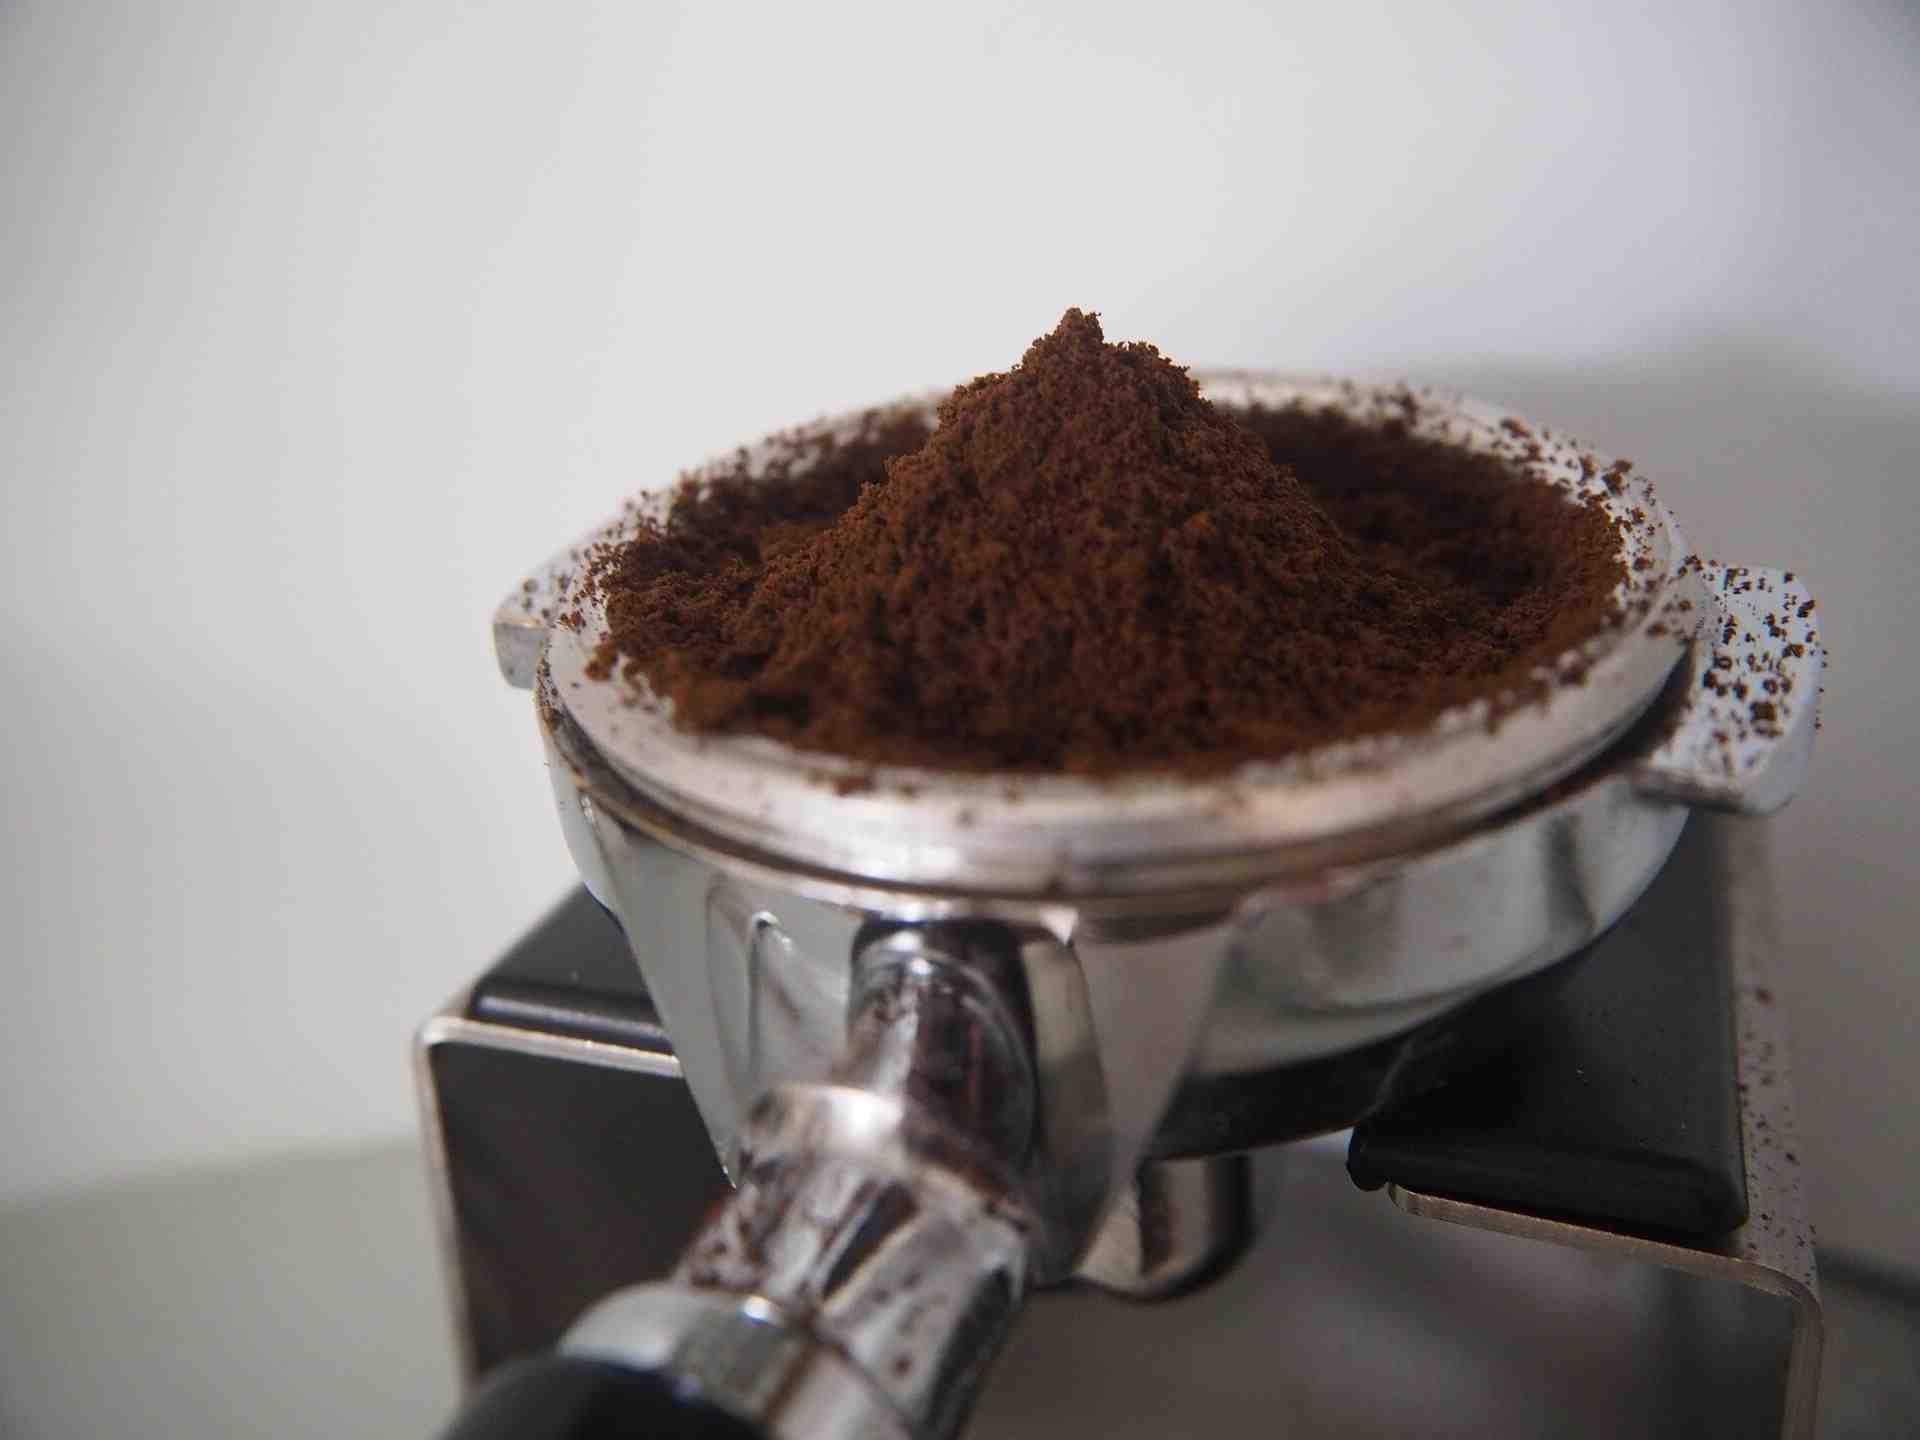 Comment bien choisir votre mouture de café ?